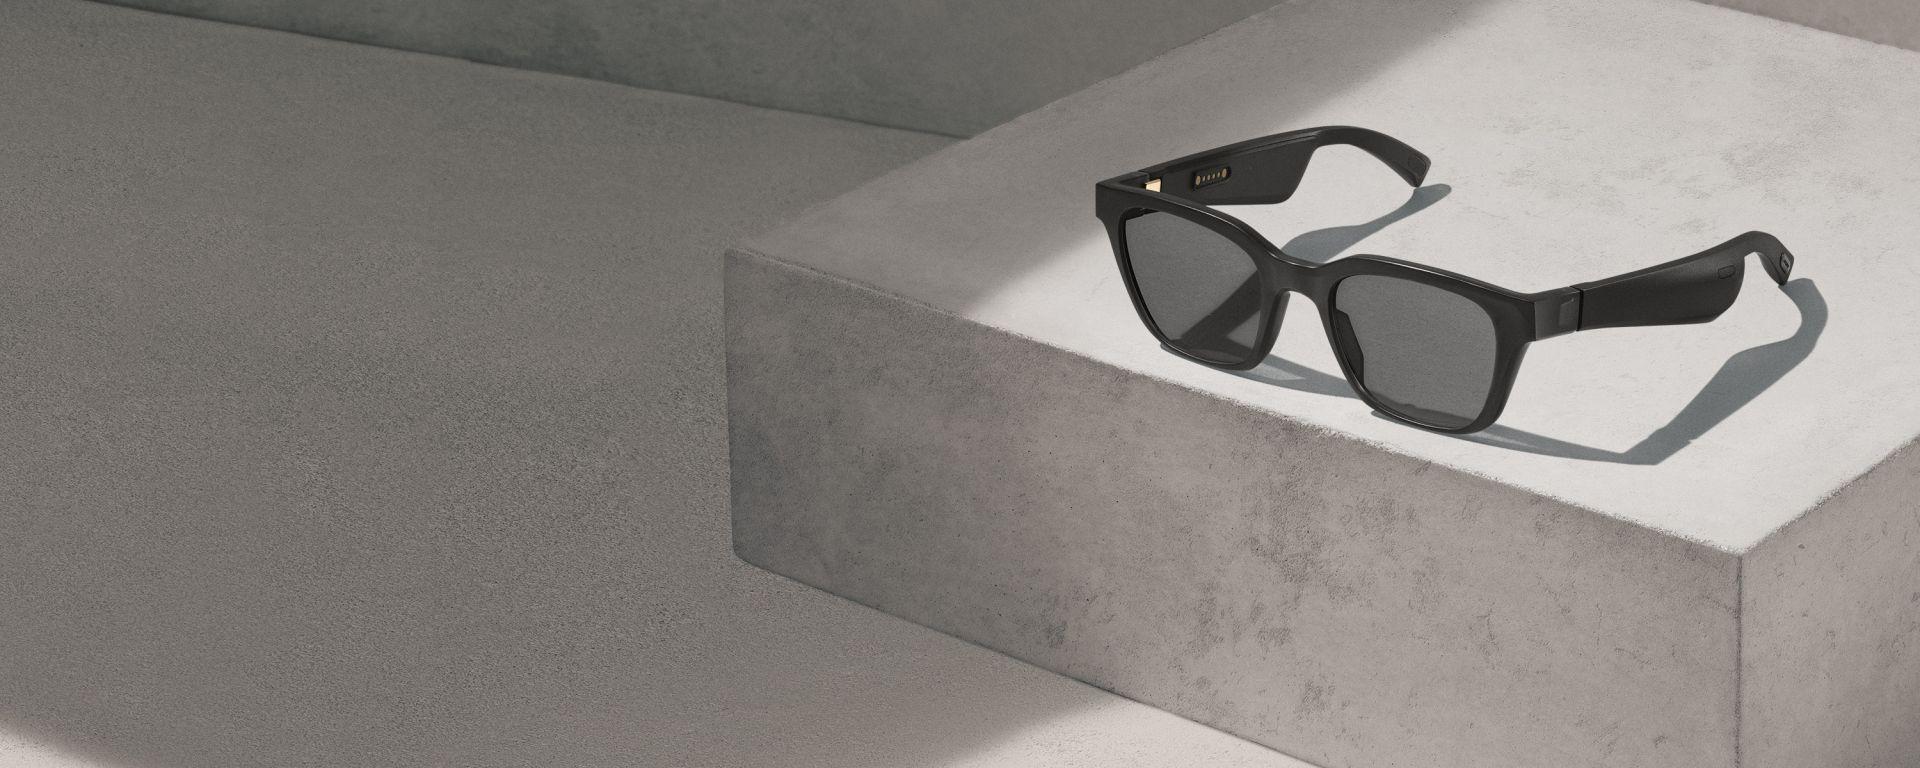 Bose Lens: dettaglio di Alto e Rondo